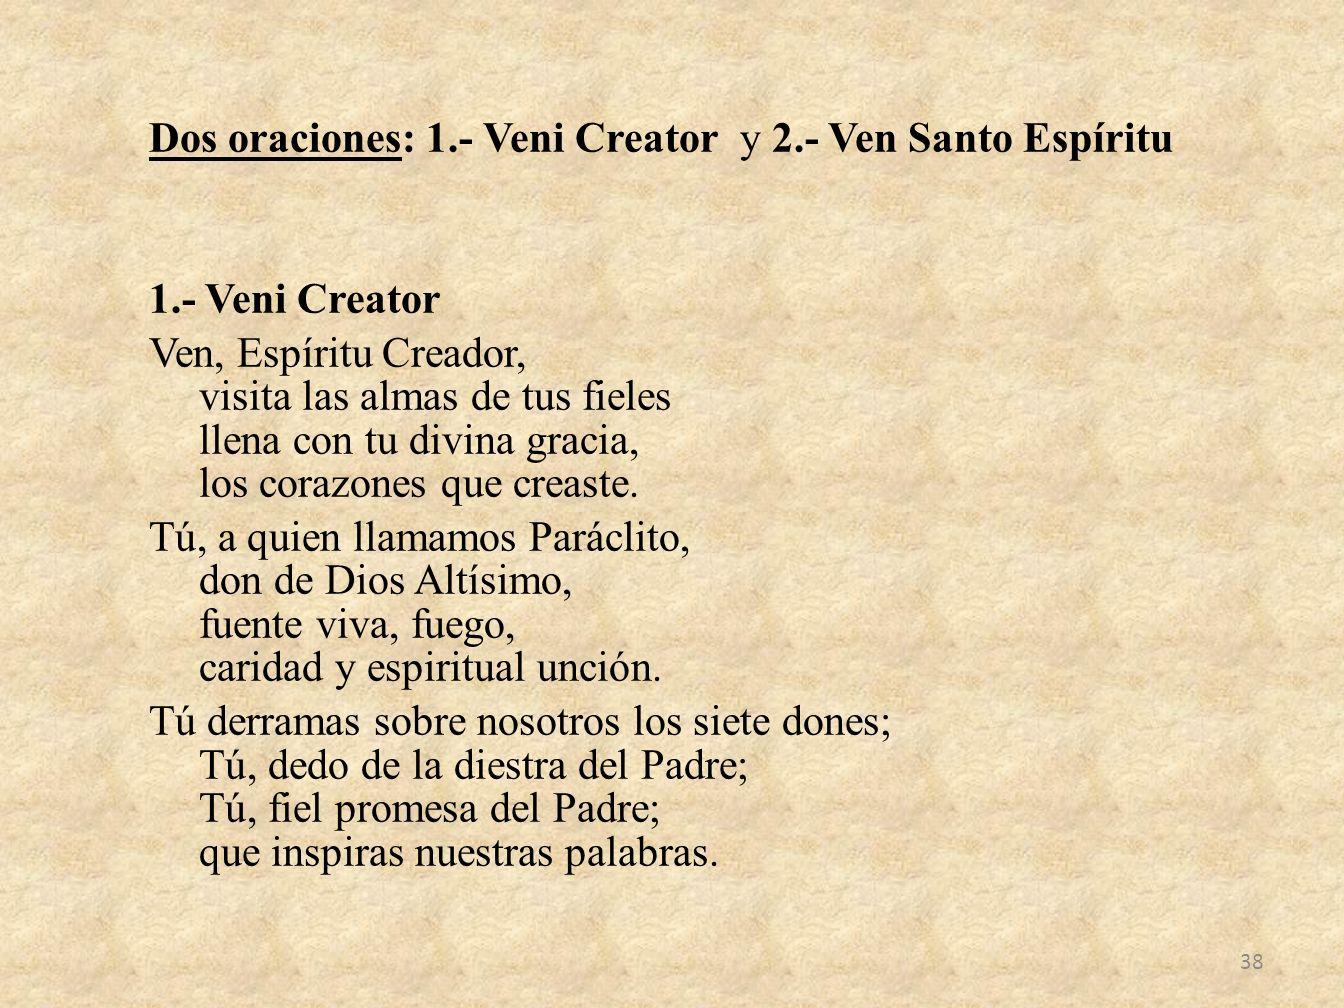 Dos oraciones: 1. - Veni Creator y 2. - Ven Santo Espíritu 1